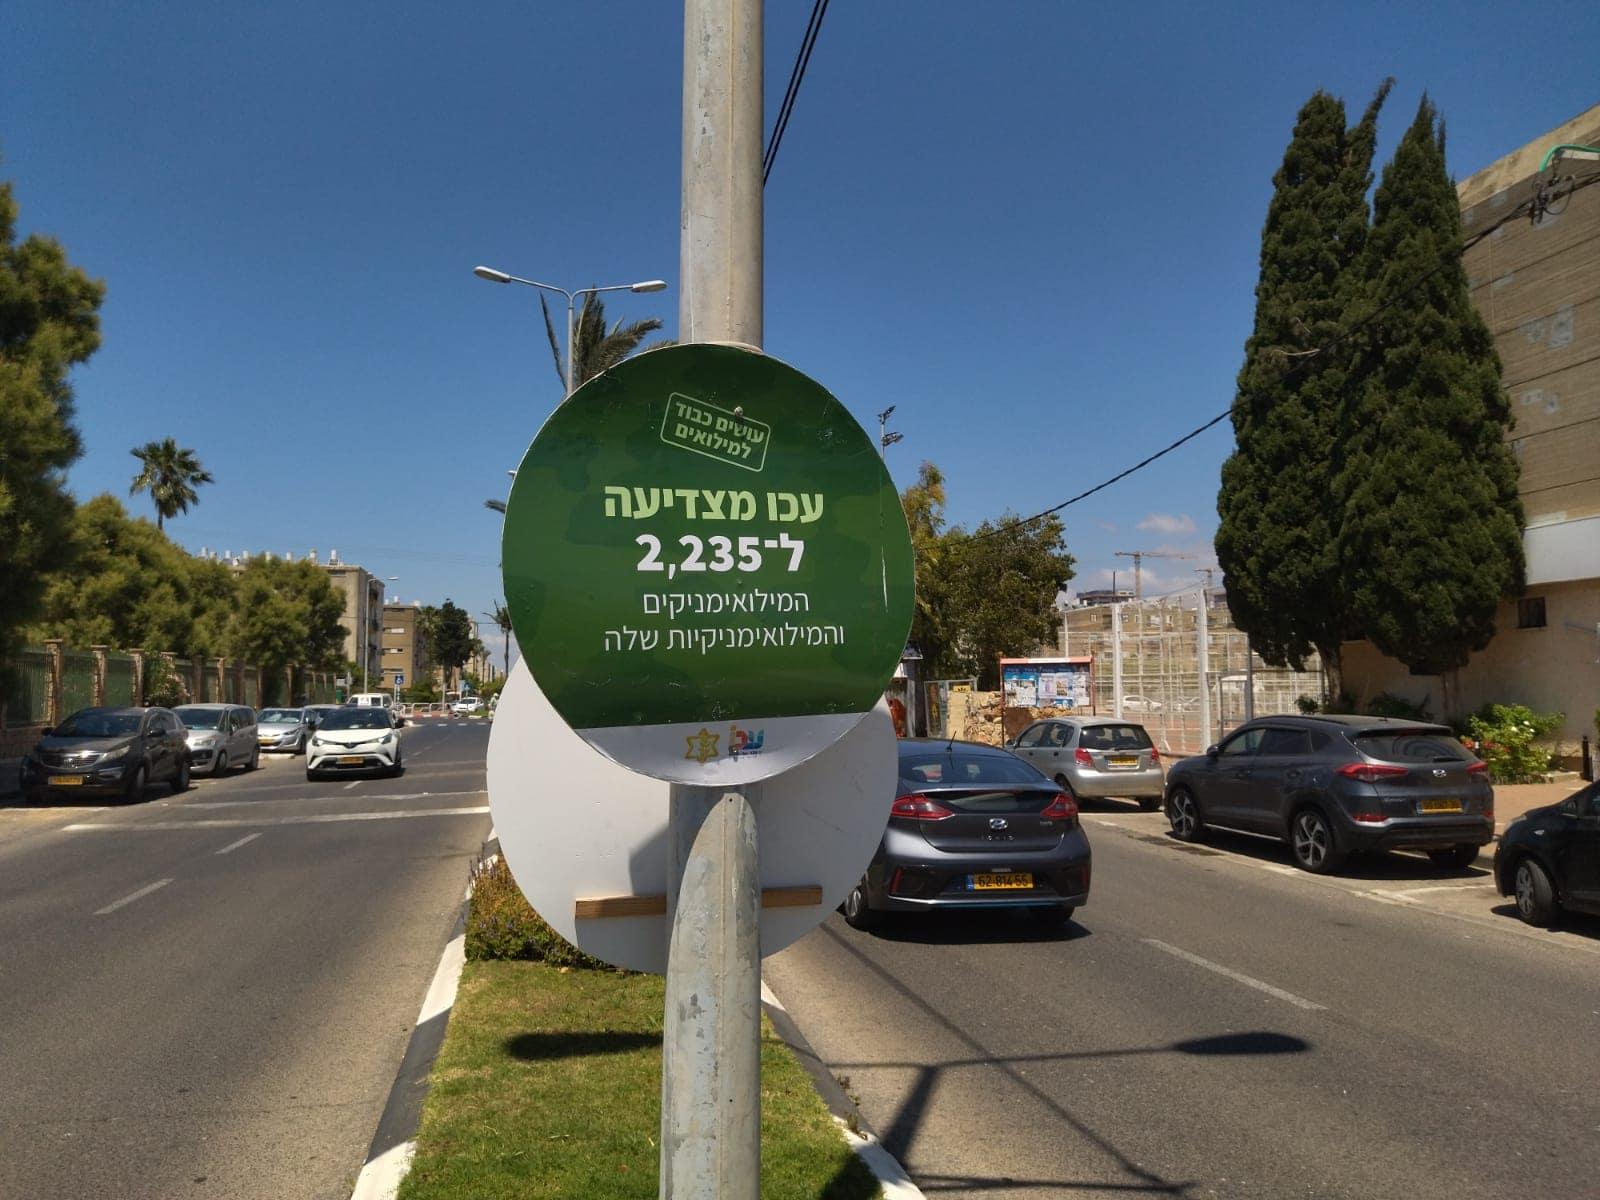 שלט בעיר עכו (צילום: מעוז ינון)